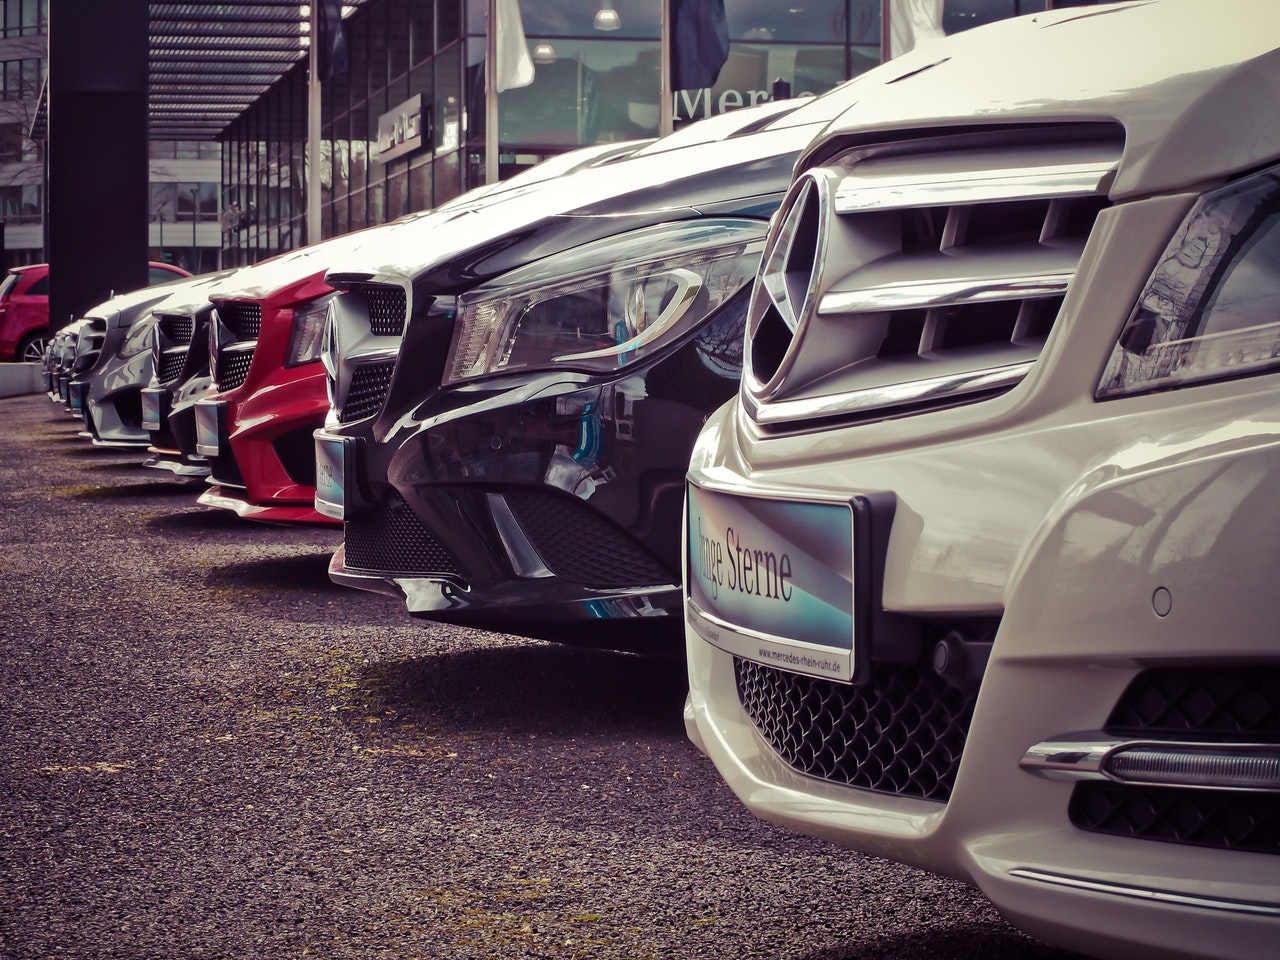 Αισιοδοξία στην εγχώρια αγορά αυτοκινήτου